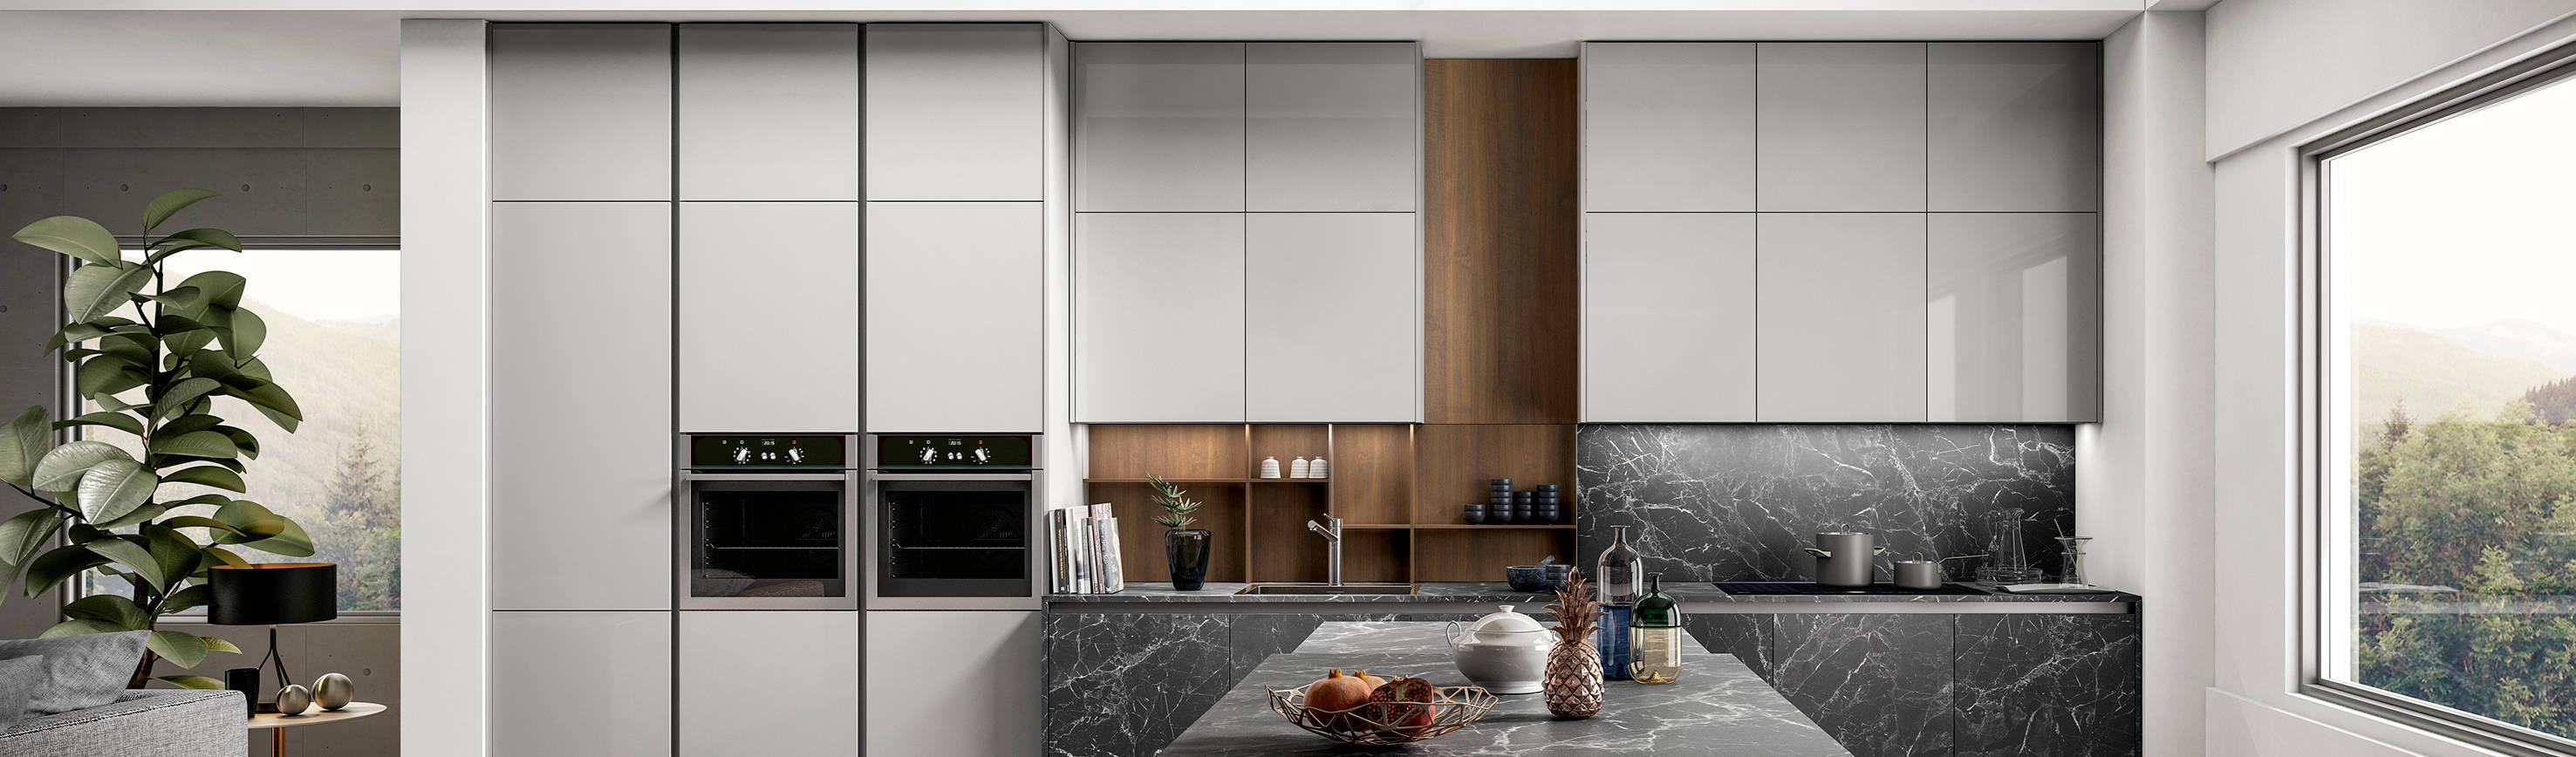 Foto di copertina di giussani arredamenti progettazione for Progettazione di interni gratis